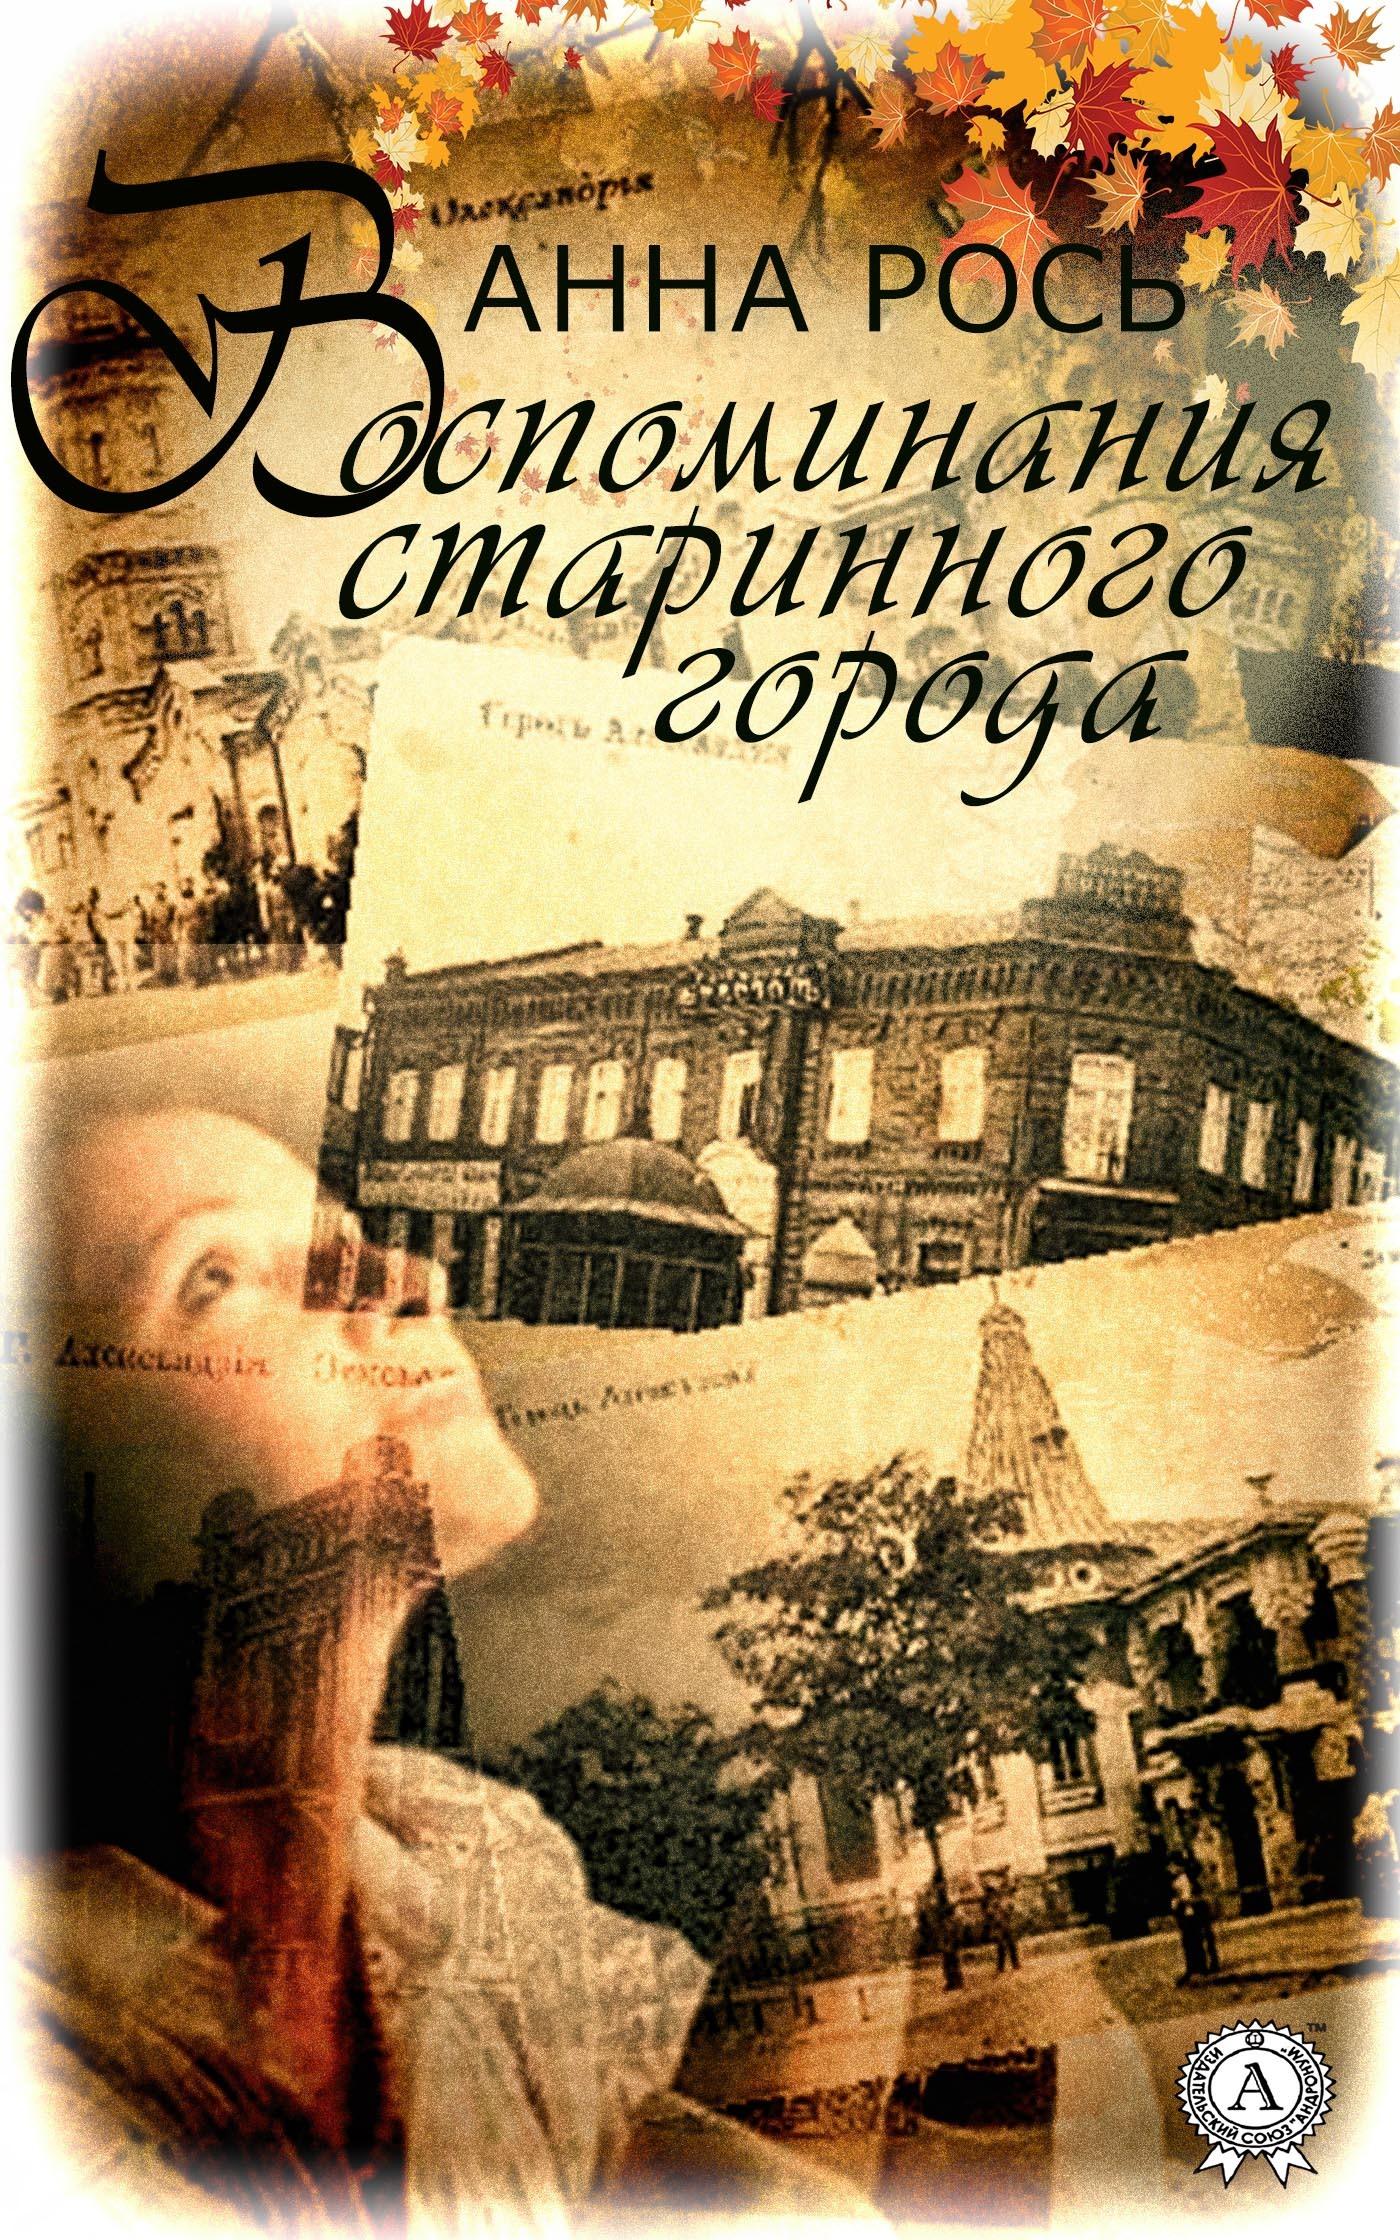 Купить книгу Воспомнания старинного города, автора Анны Рось